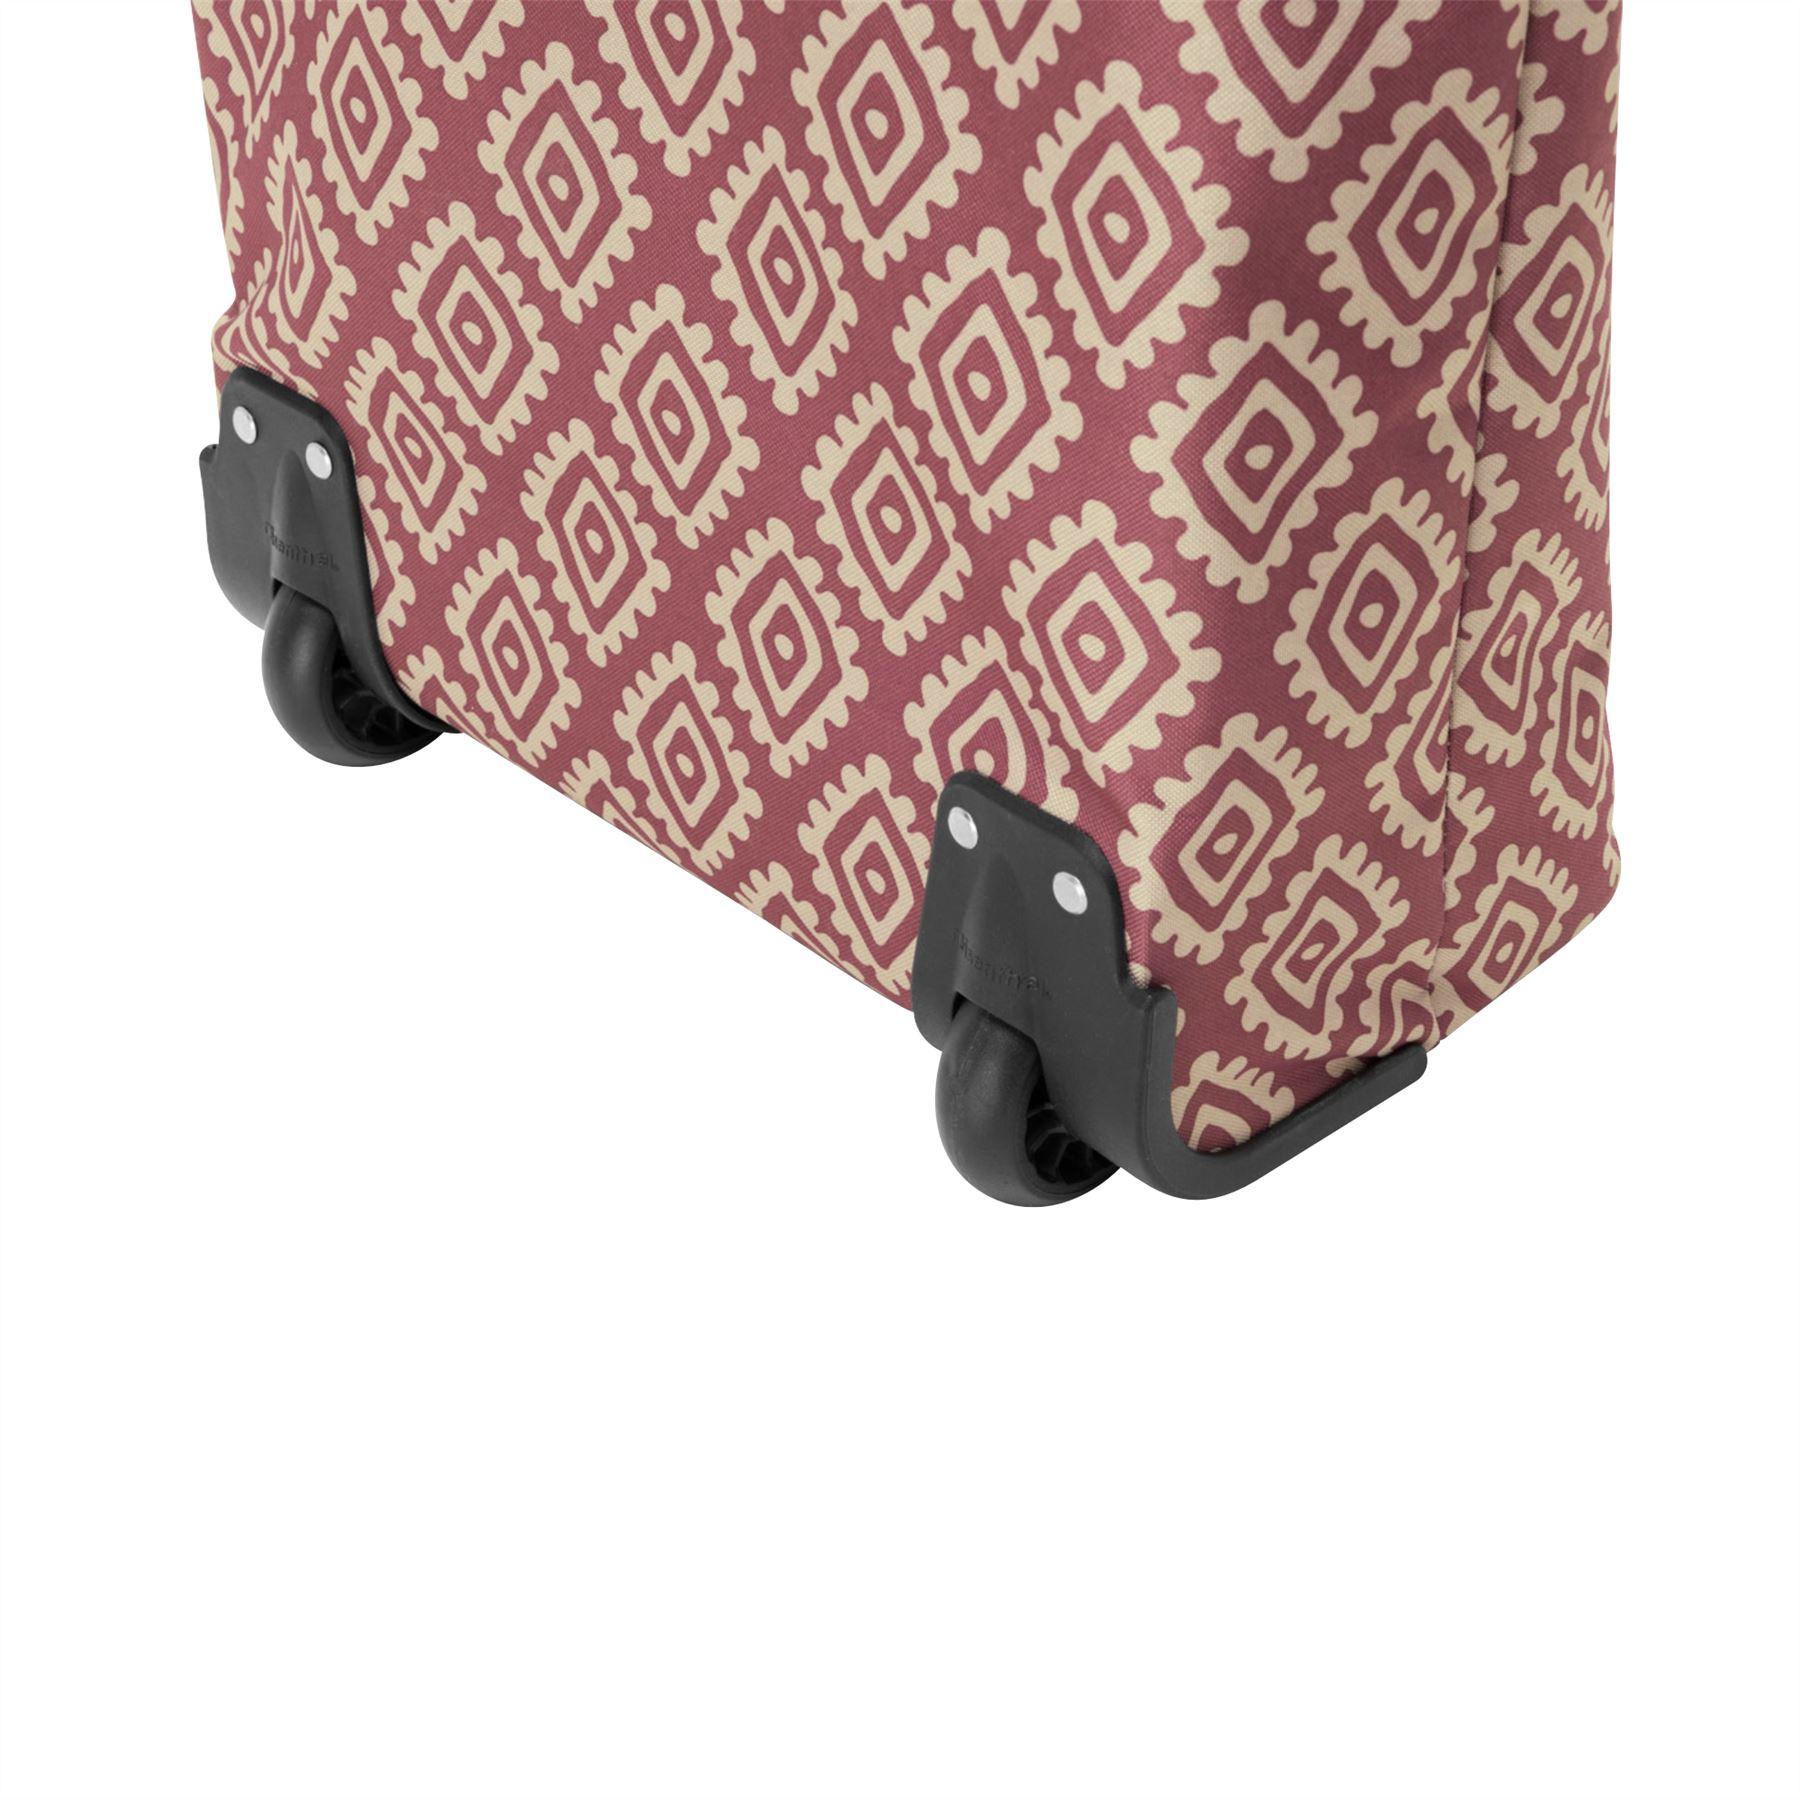 Einkaufsroller Möbel & Wohnen Das Beste Reisenthel Trolley M Artist Stripes Reisetrolley Einkaufs Roller Tasche 43 L